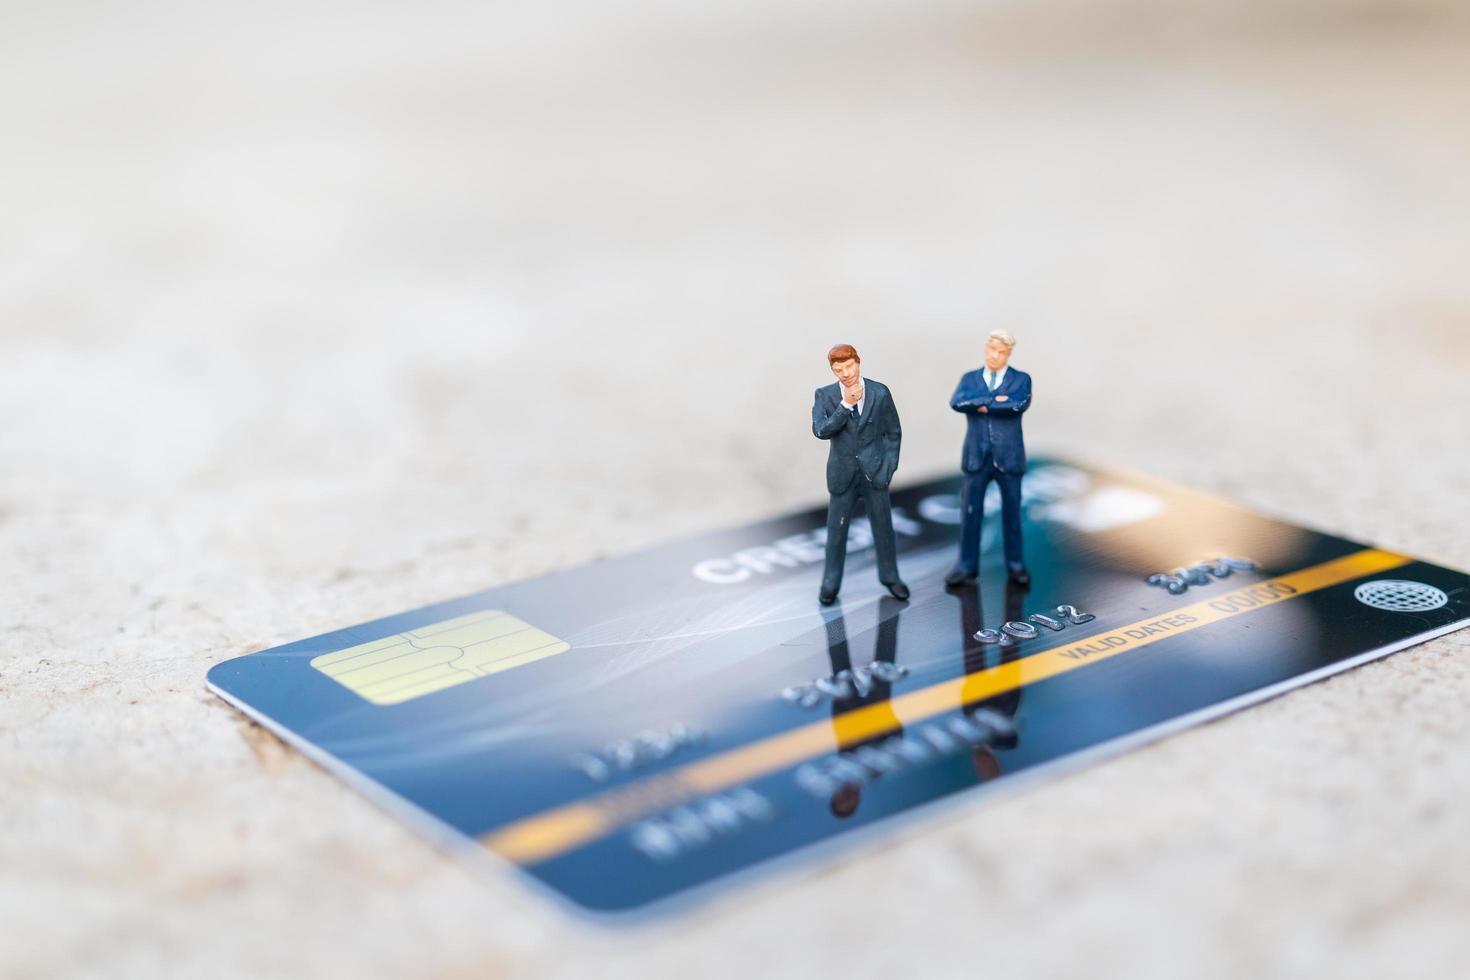 empresários em miniatura com conceitos de cartão de crédito, negócios e finanças foto